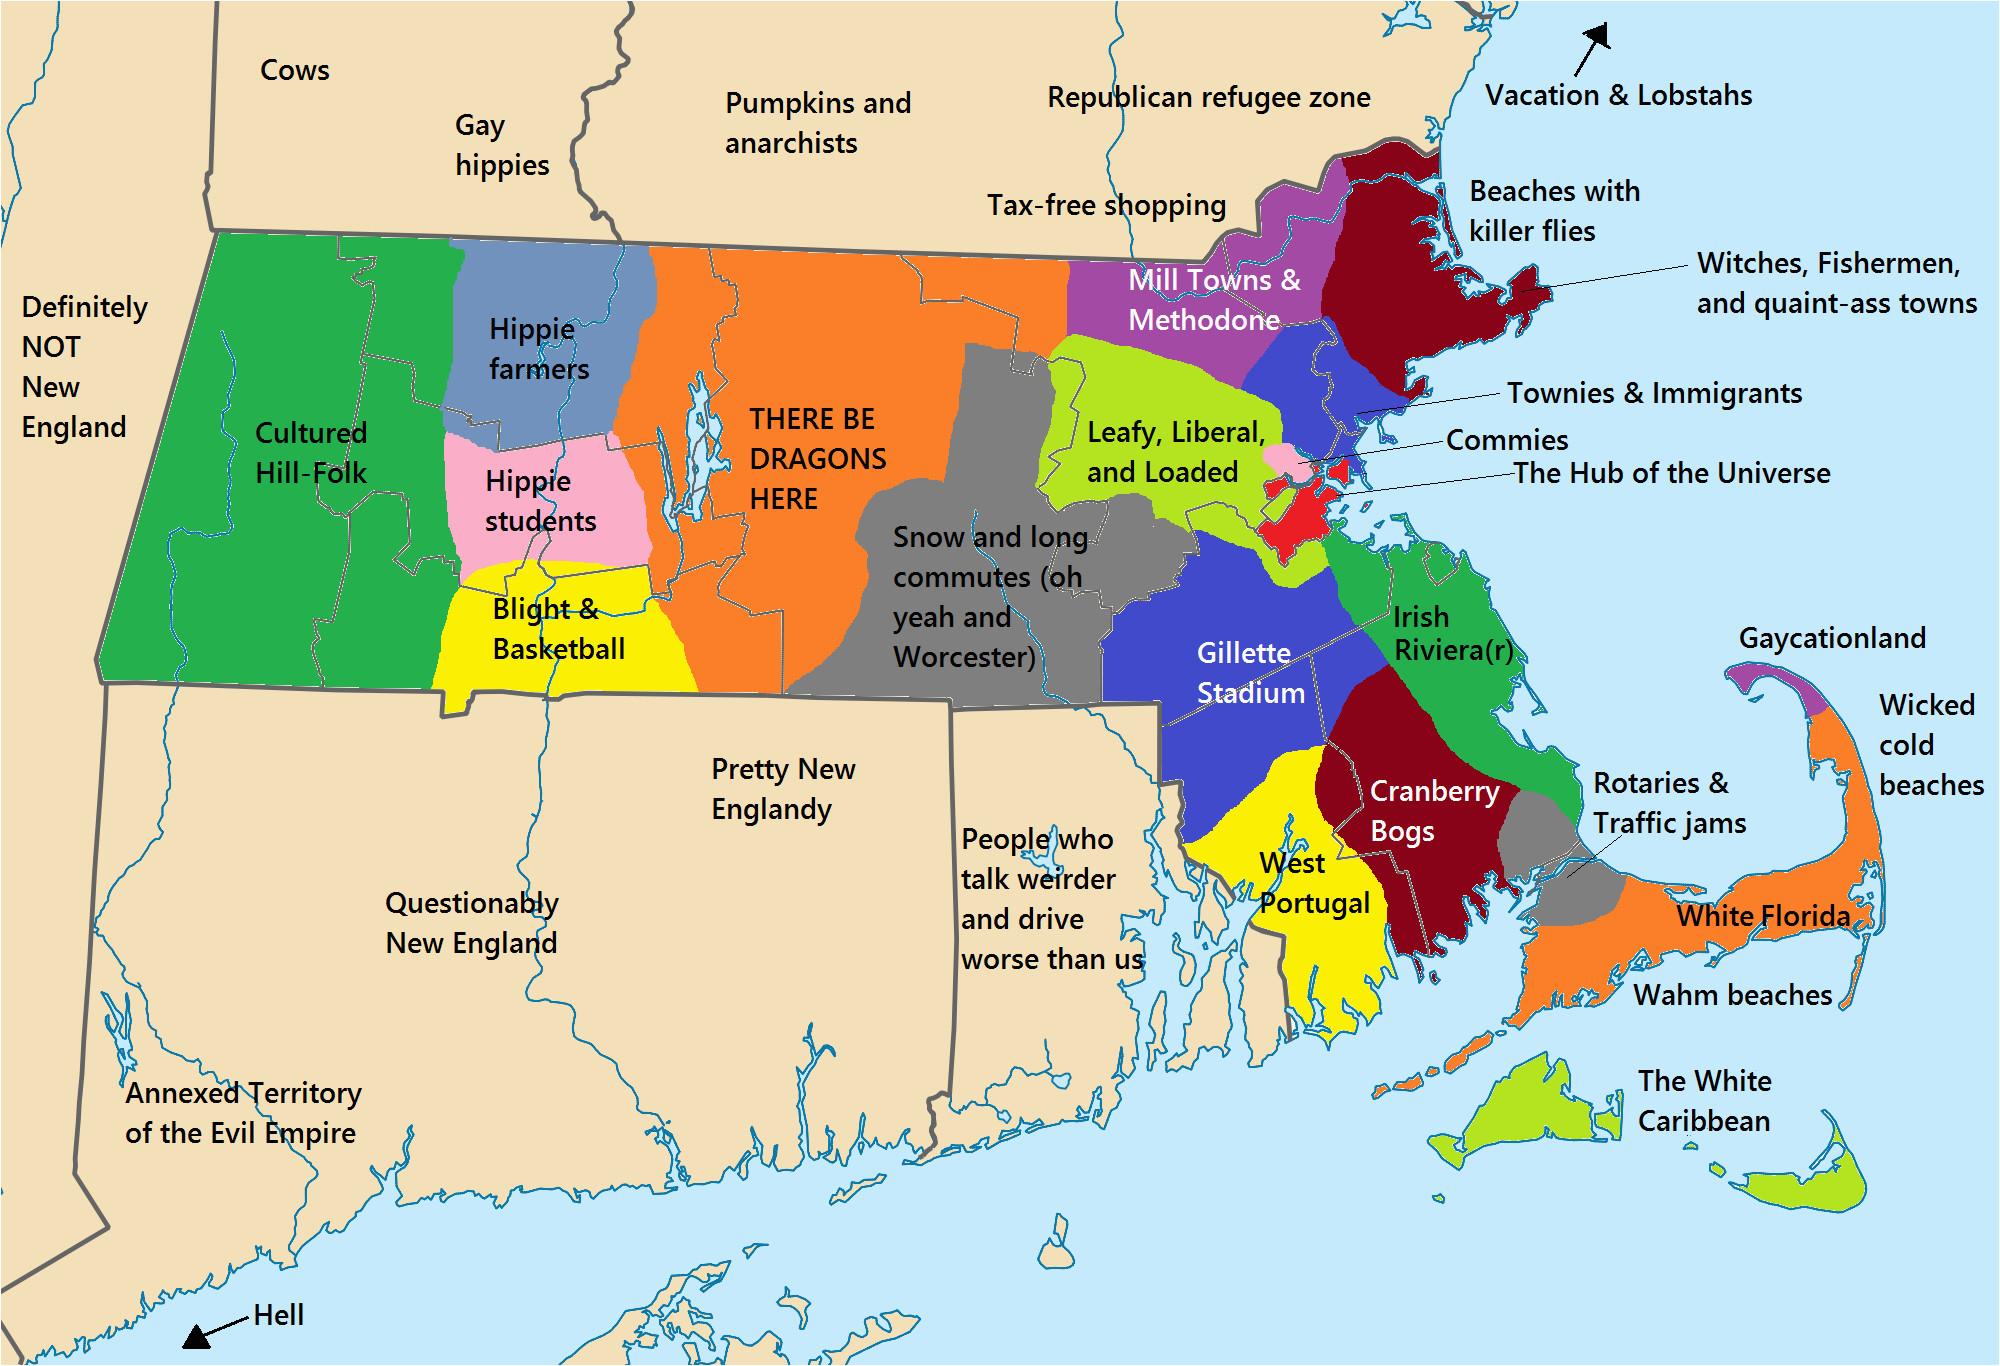 massachusetts stereotypes map oc 2000x1366 home